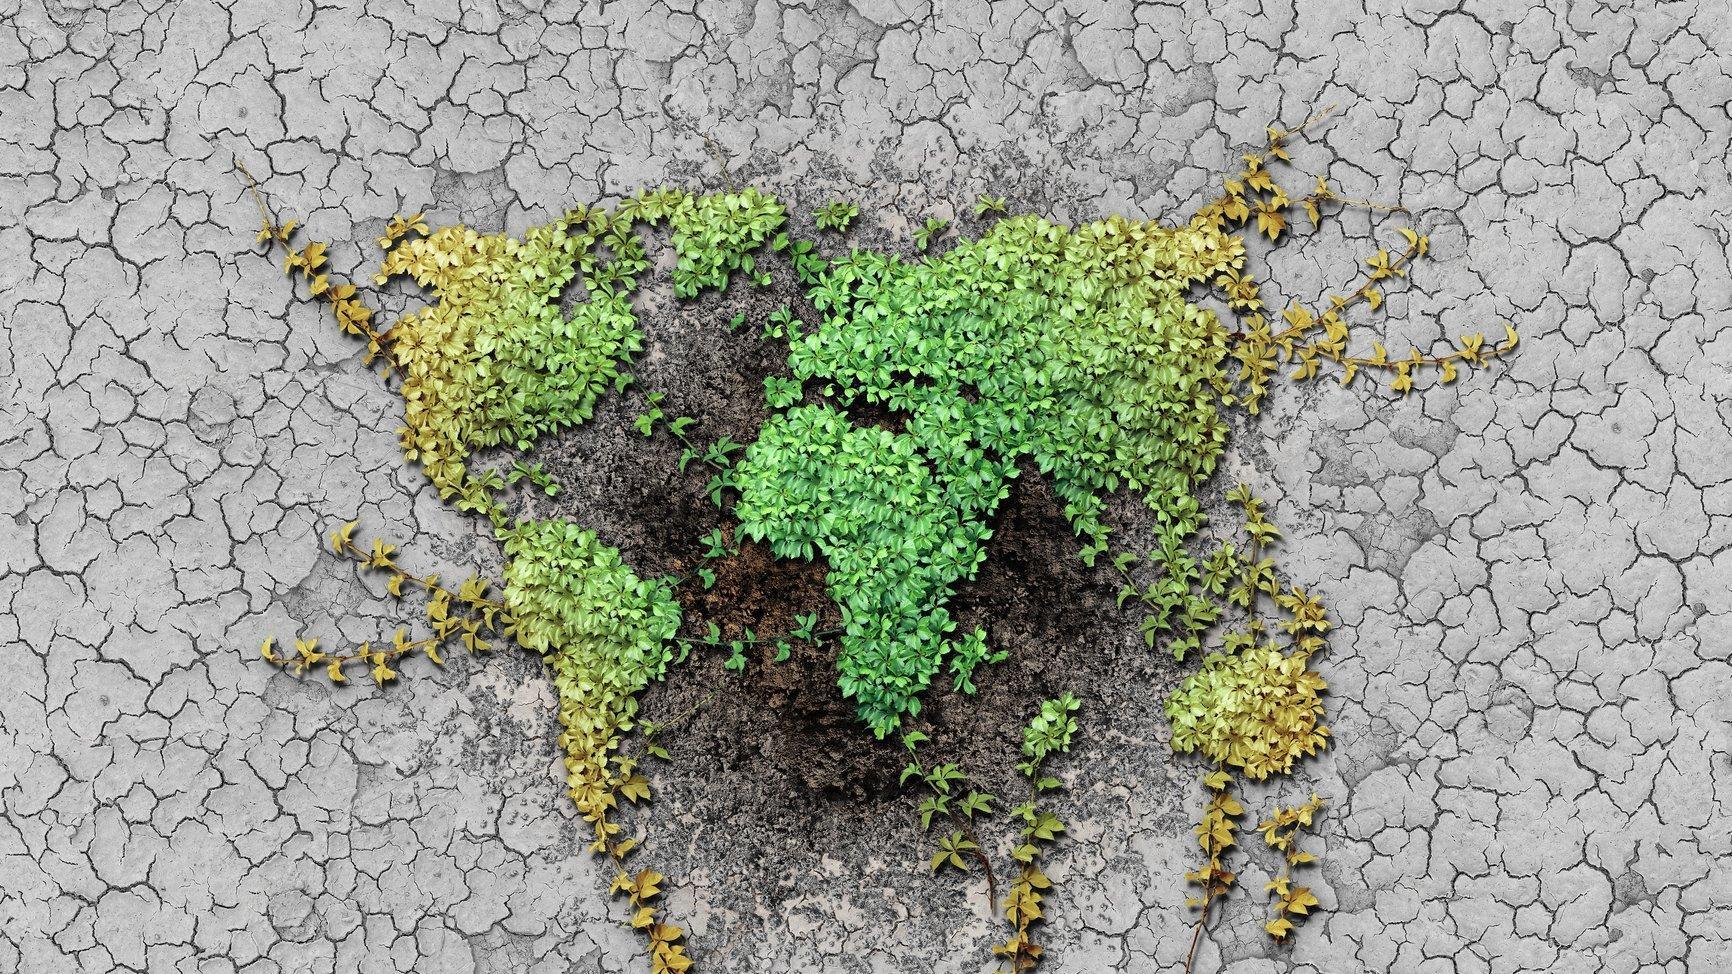 Eine Illustration der Erde, in der die Kontinente durch Pflanzen dargestellt werden